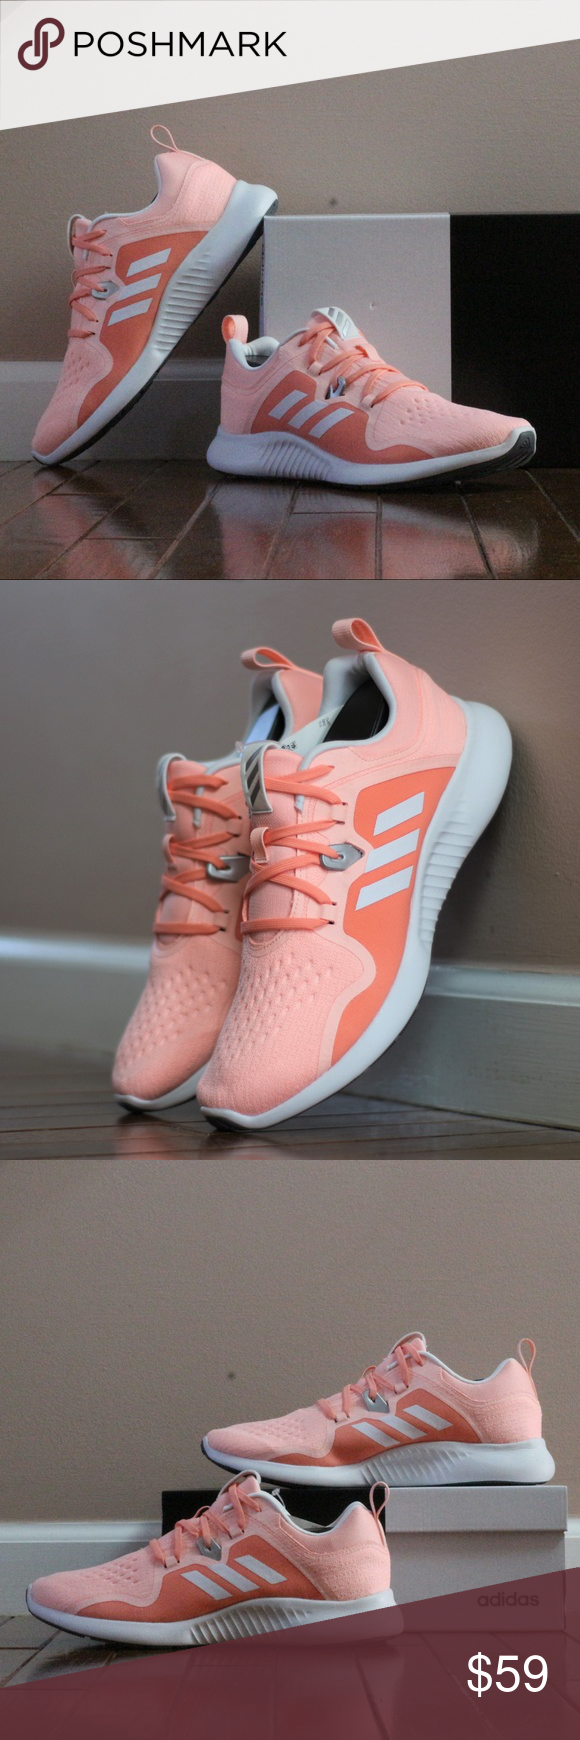 f82ed780739 Adidas Women US-9 Running Shoe AC7104 Brand New